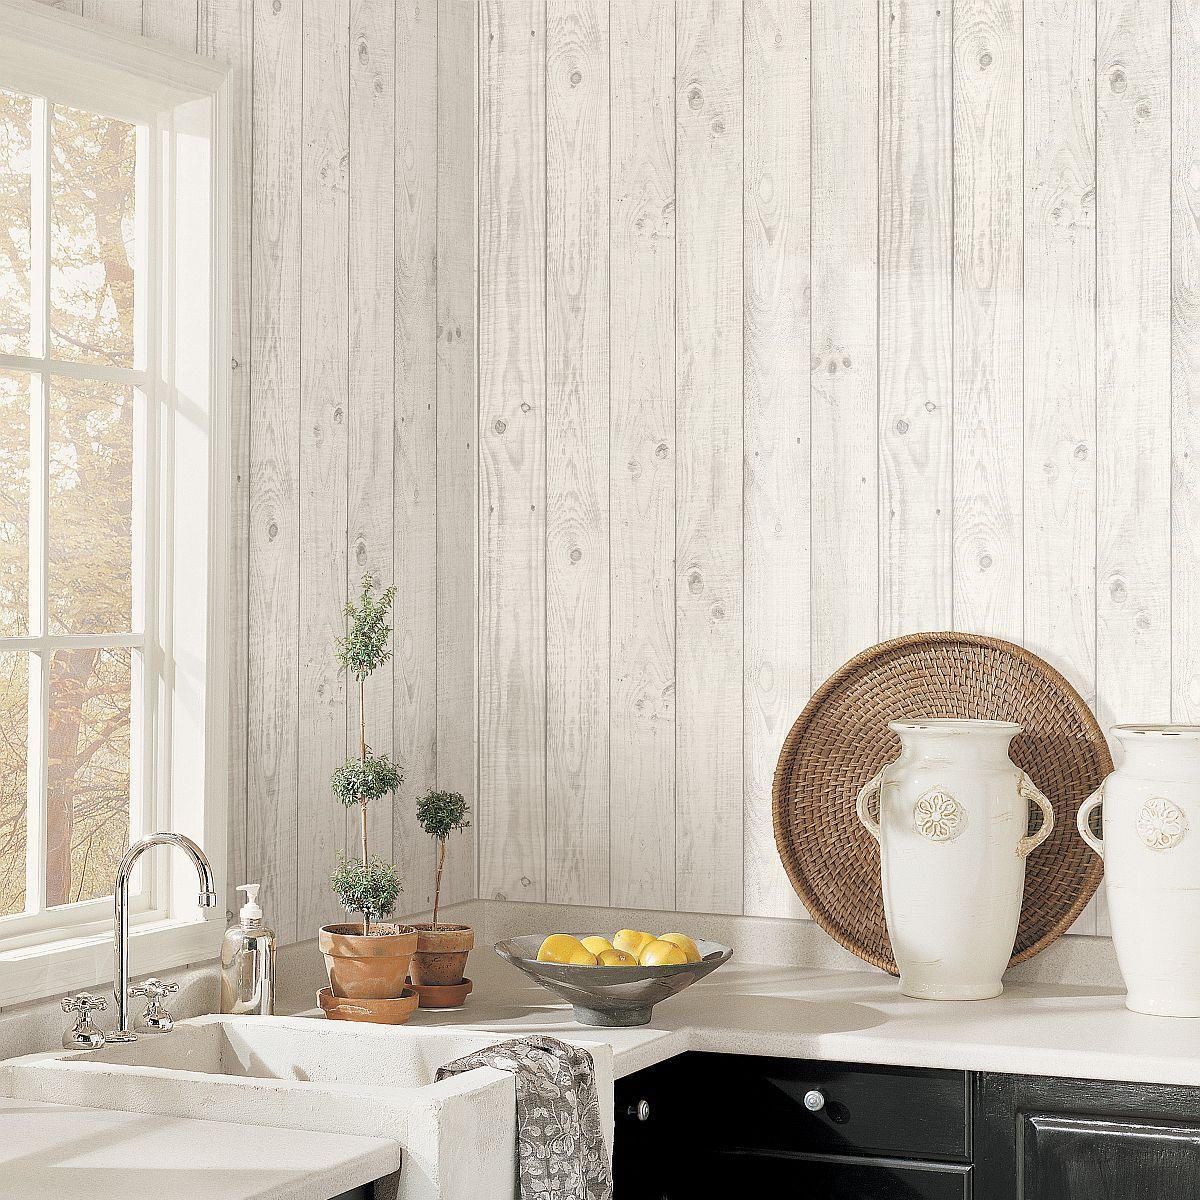 Küche Tapete   Hochwertige Tapeten Und Stoffe Kuchentapete Kitchen Style Ck36615